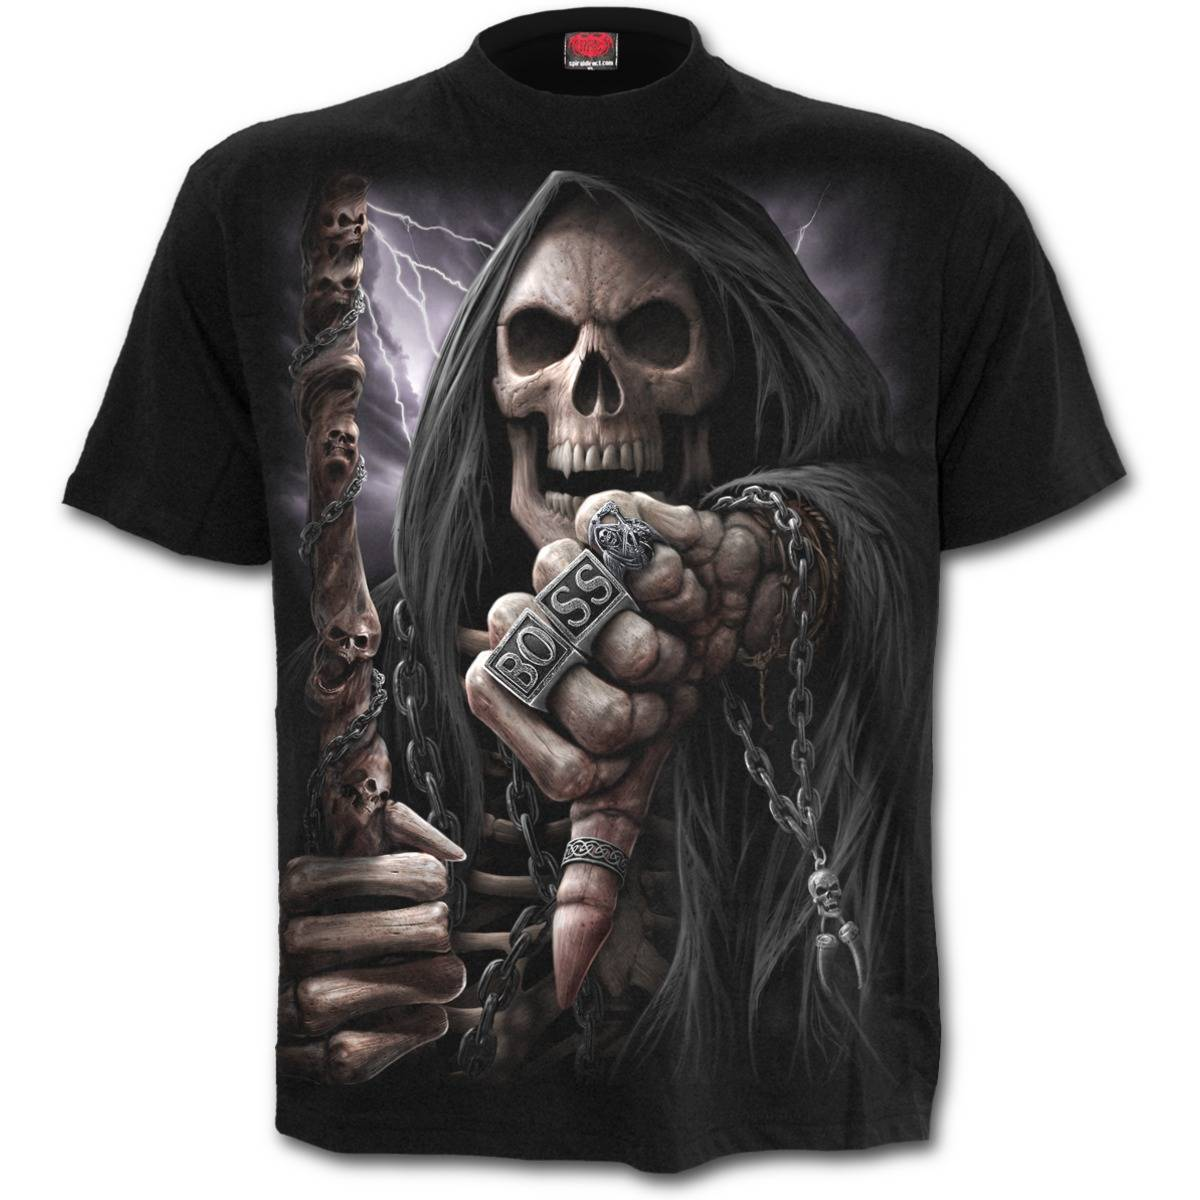 T-Shirt Unisex Tg. S Spiral. Boss Reaper. T-Shirt Black